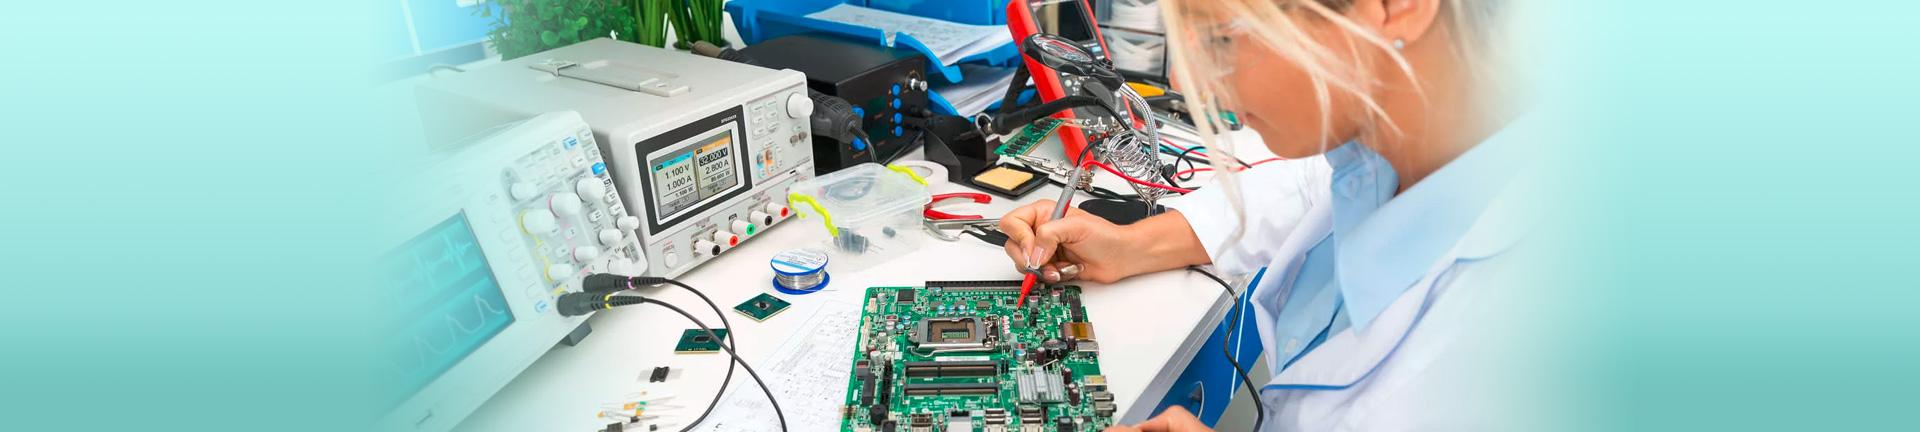 Repair and Refurbishment